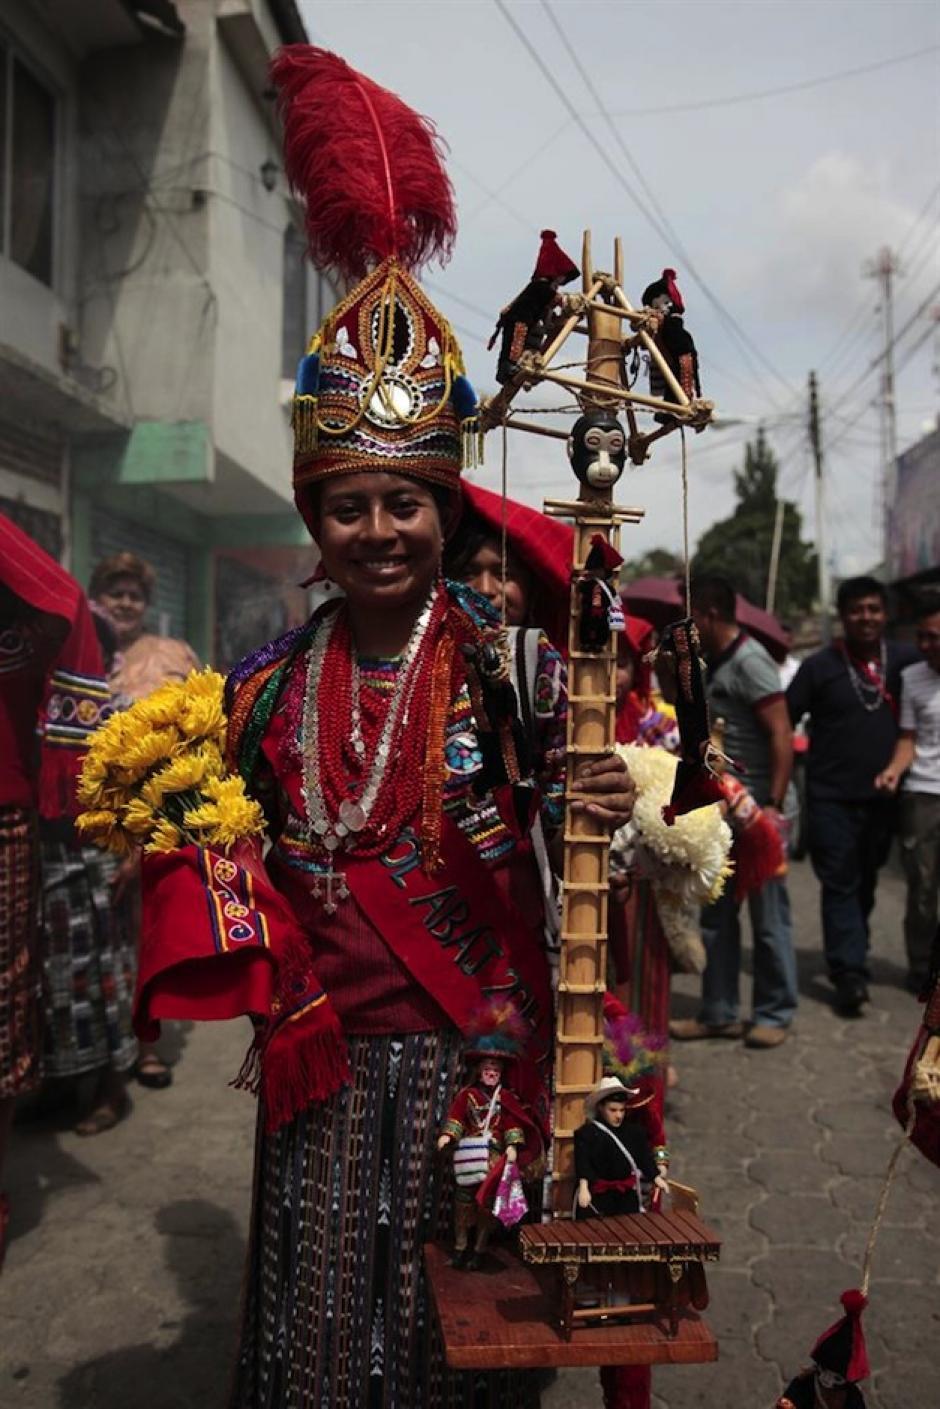 """La reina de las festividades a la """"Virgen de Tránsito"""" camina por las calles de Joyabaj, Quiché. (Foto: Esteban Biba/EFE)"""